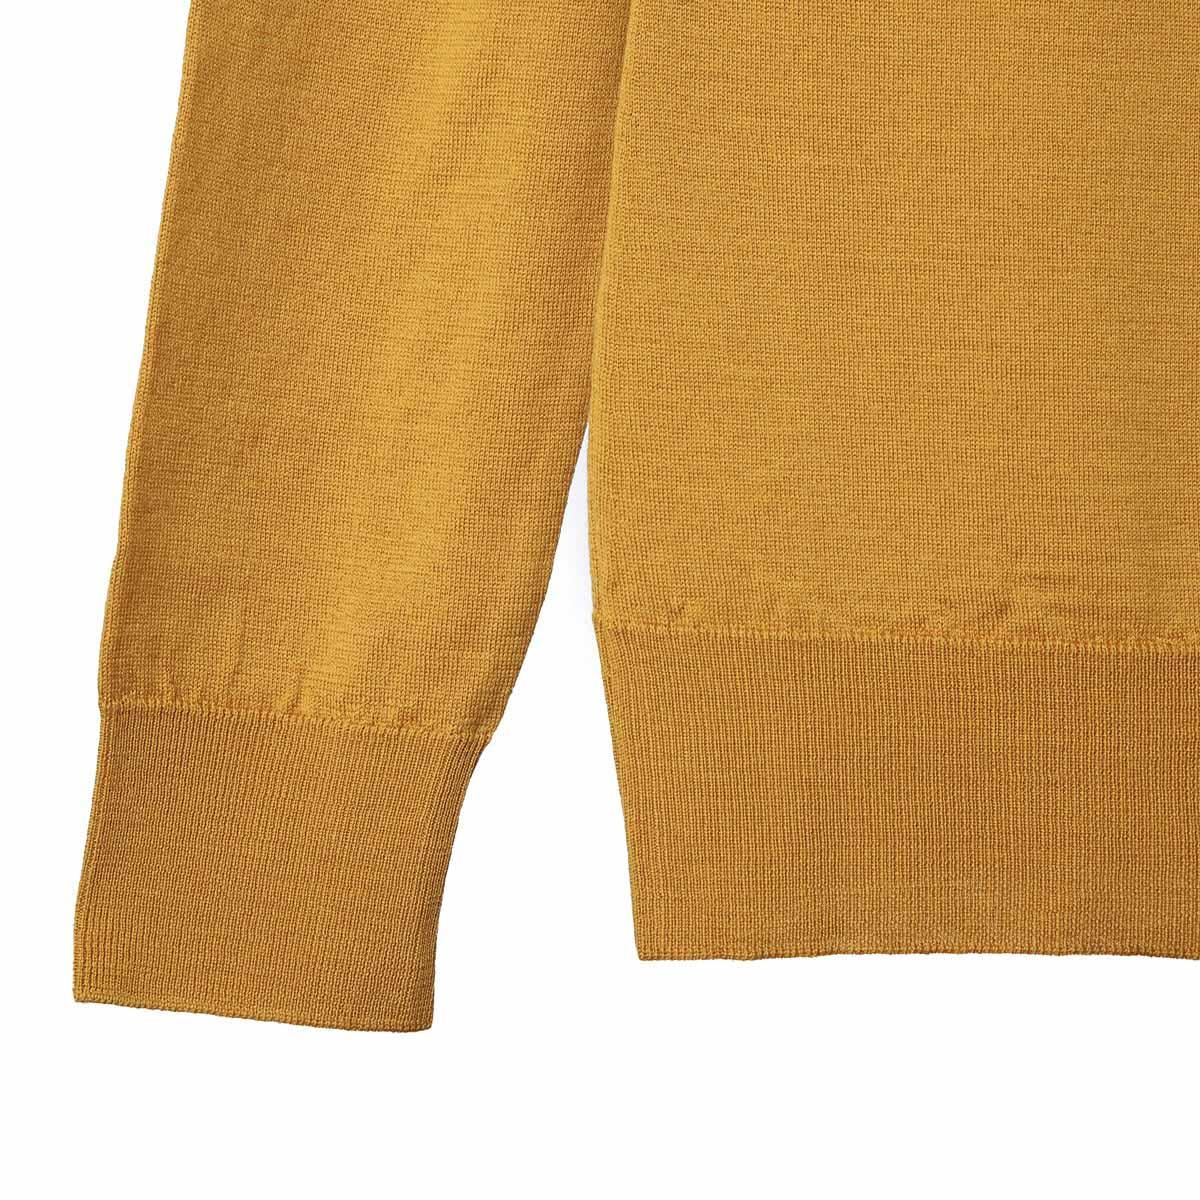 【タイムセール TOPS】JOHN SMEDLEY ジョンスメドレー ボートネックセーター/SUSAN スーザン 30ゲージ レディース